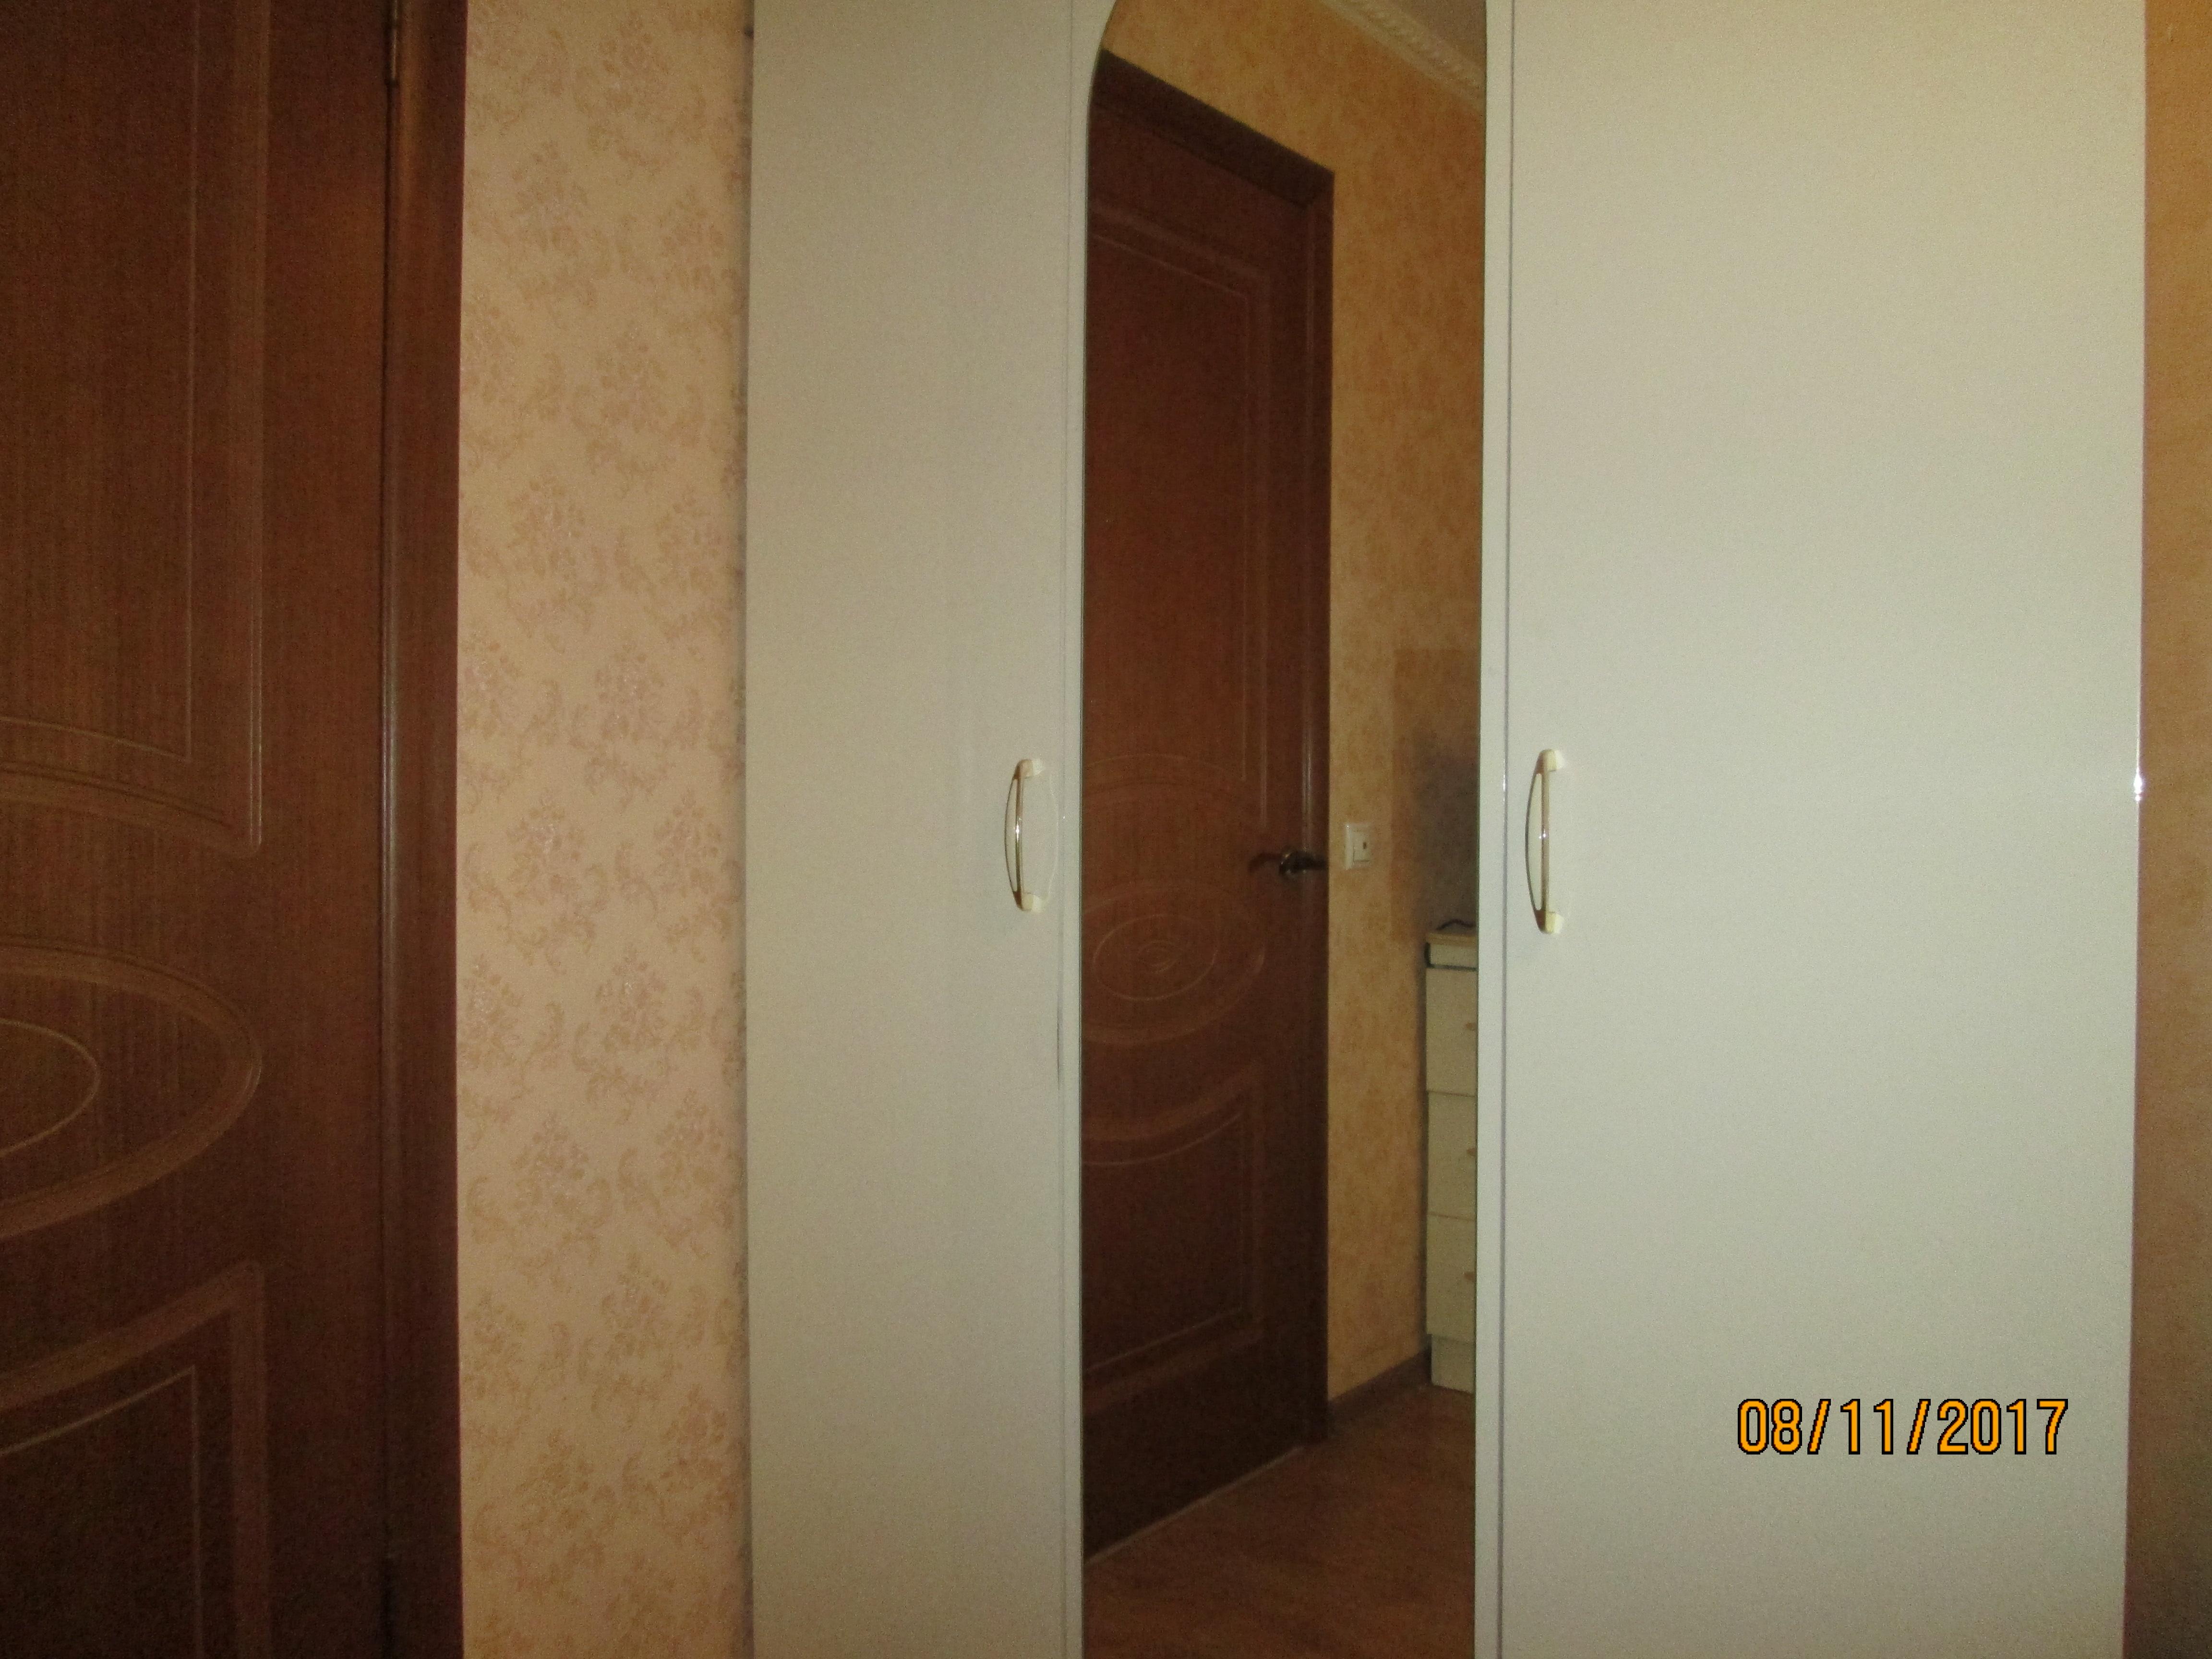 Сдам - Вас ожидает уютная квартира в центре города -Горького  - цена: 800